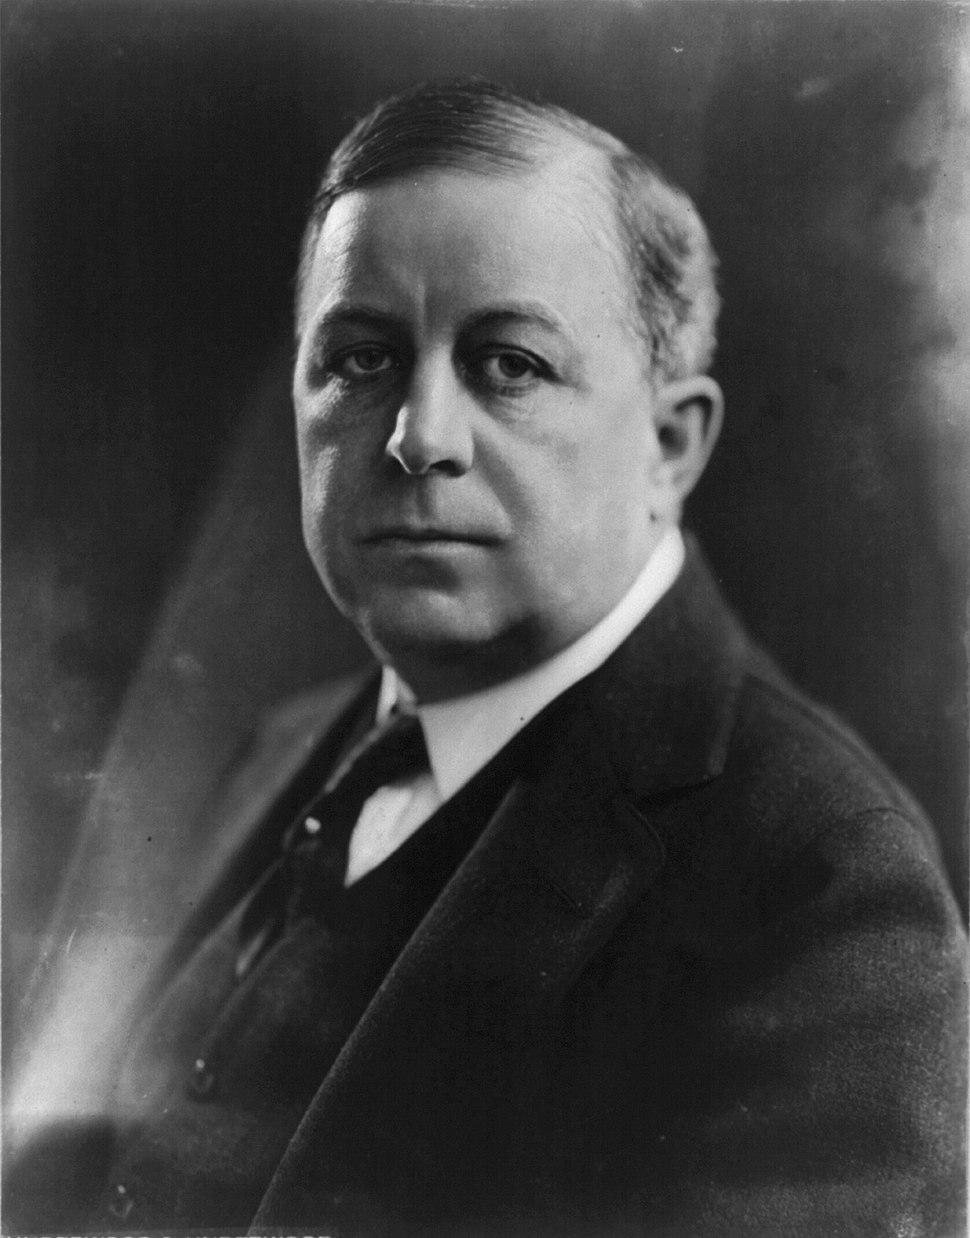 Charles Beecher Warren, 1870-1936